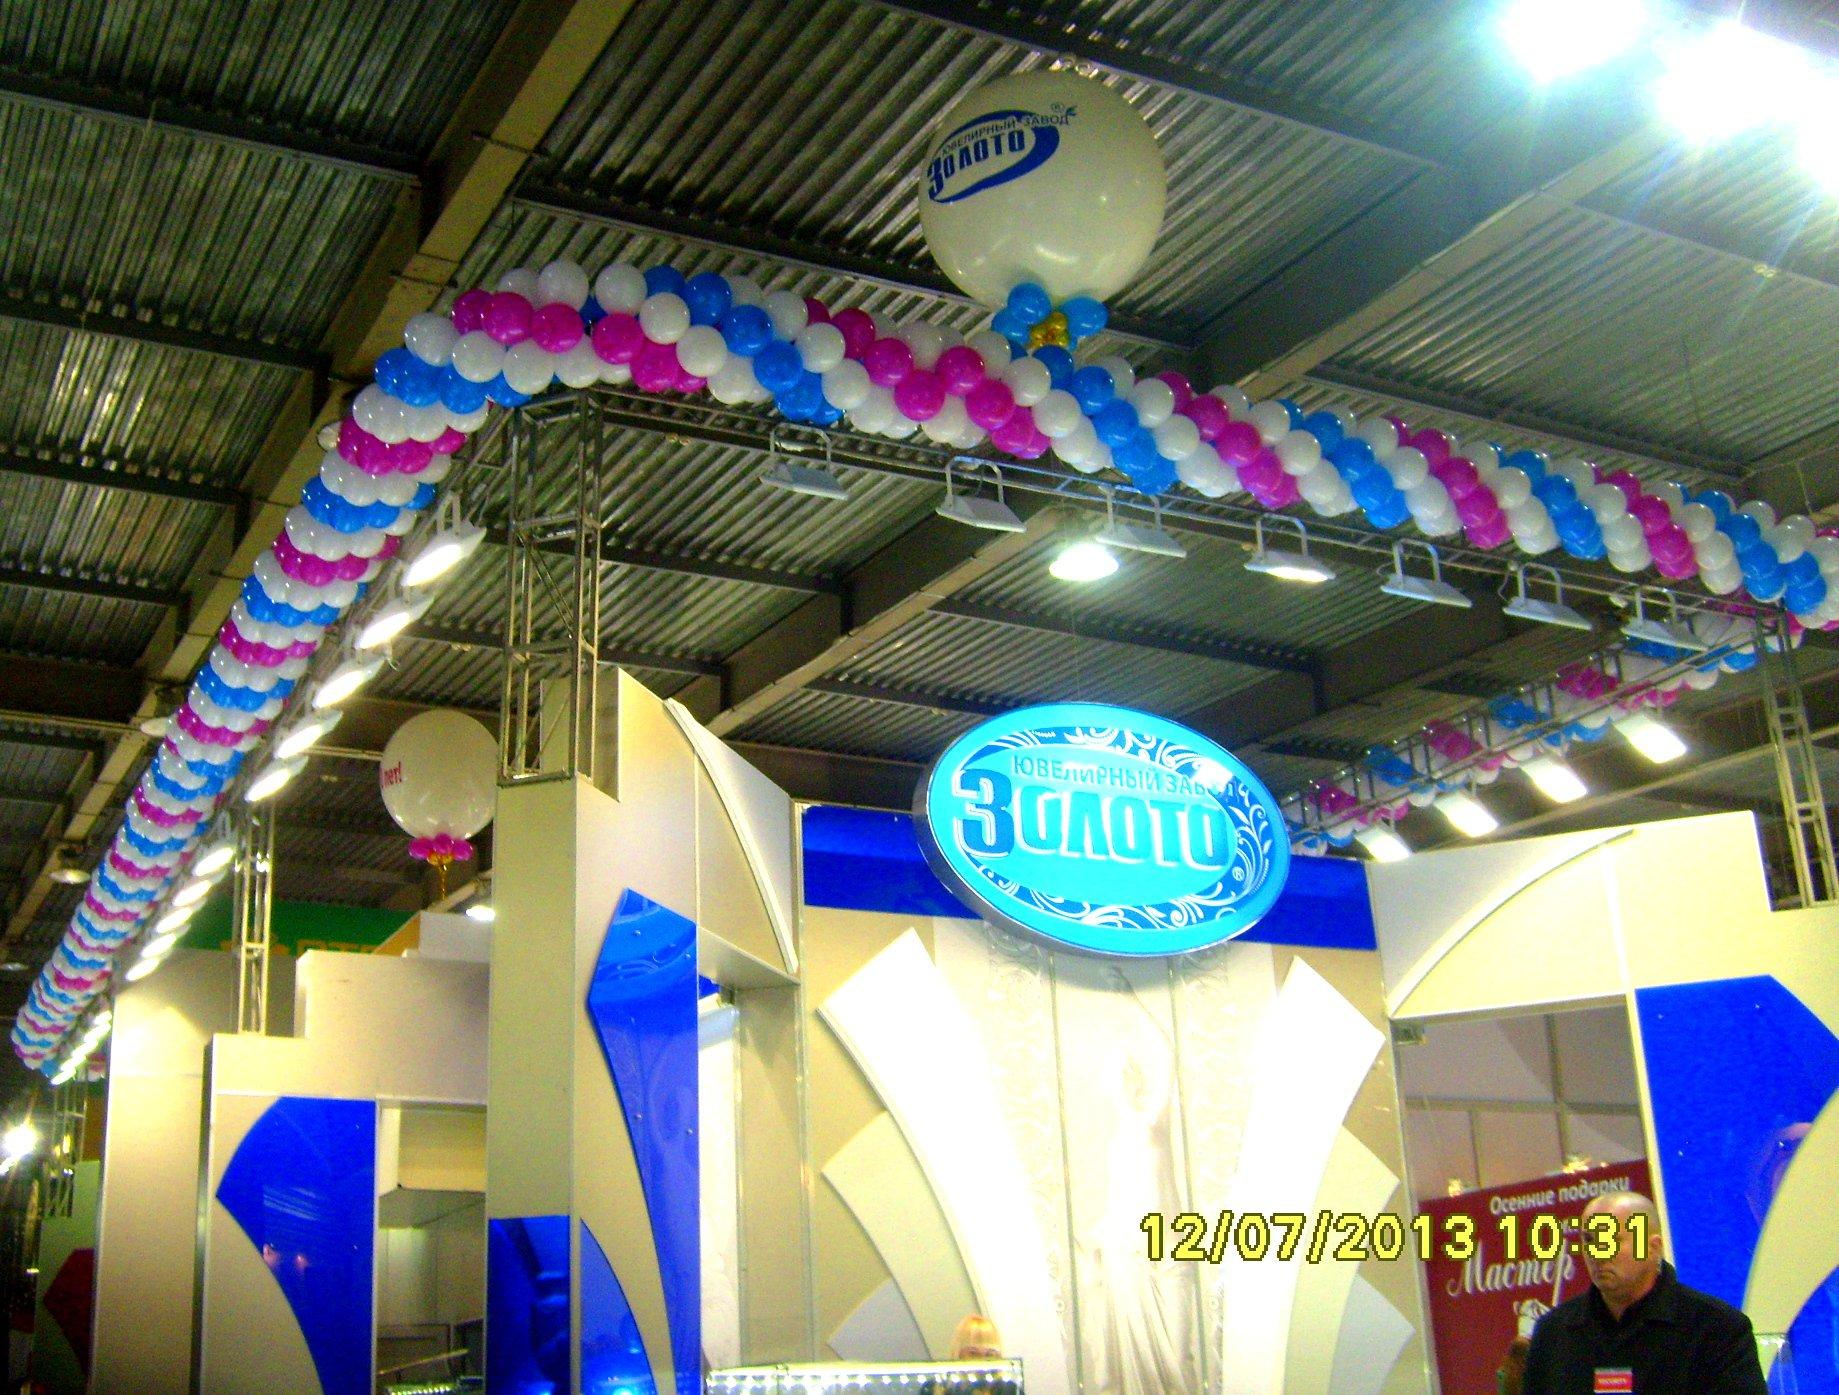 Большие воздушные шары на выставке в Киеве